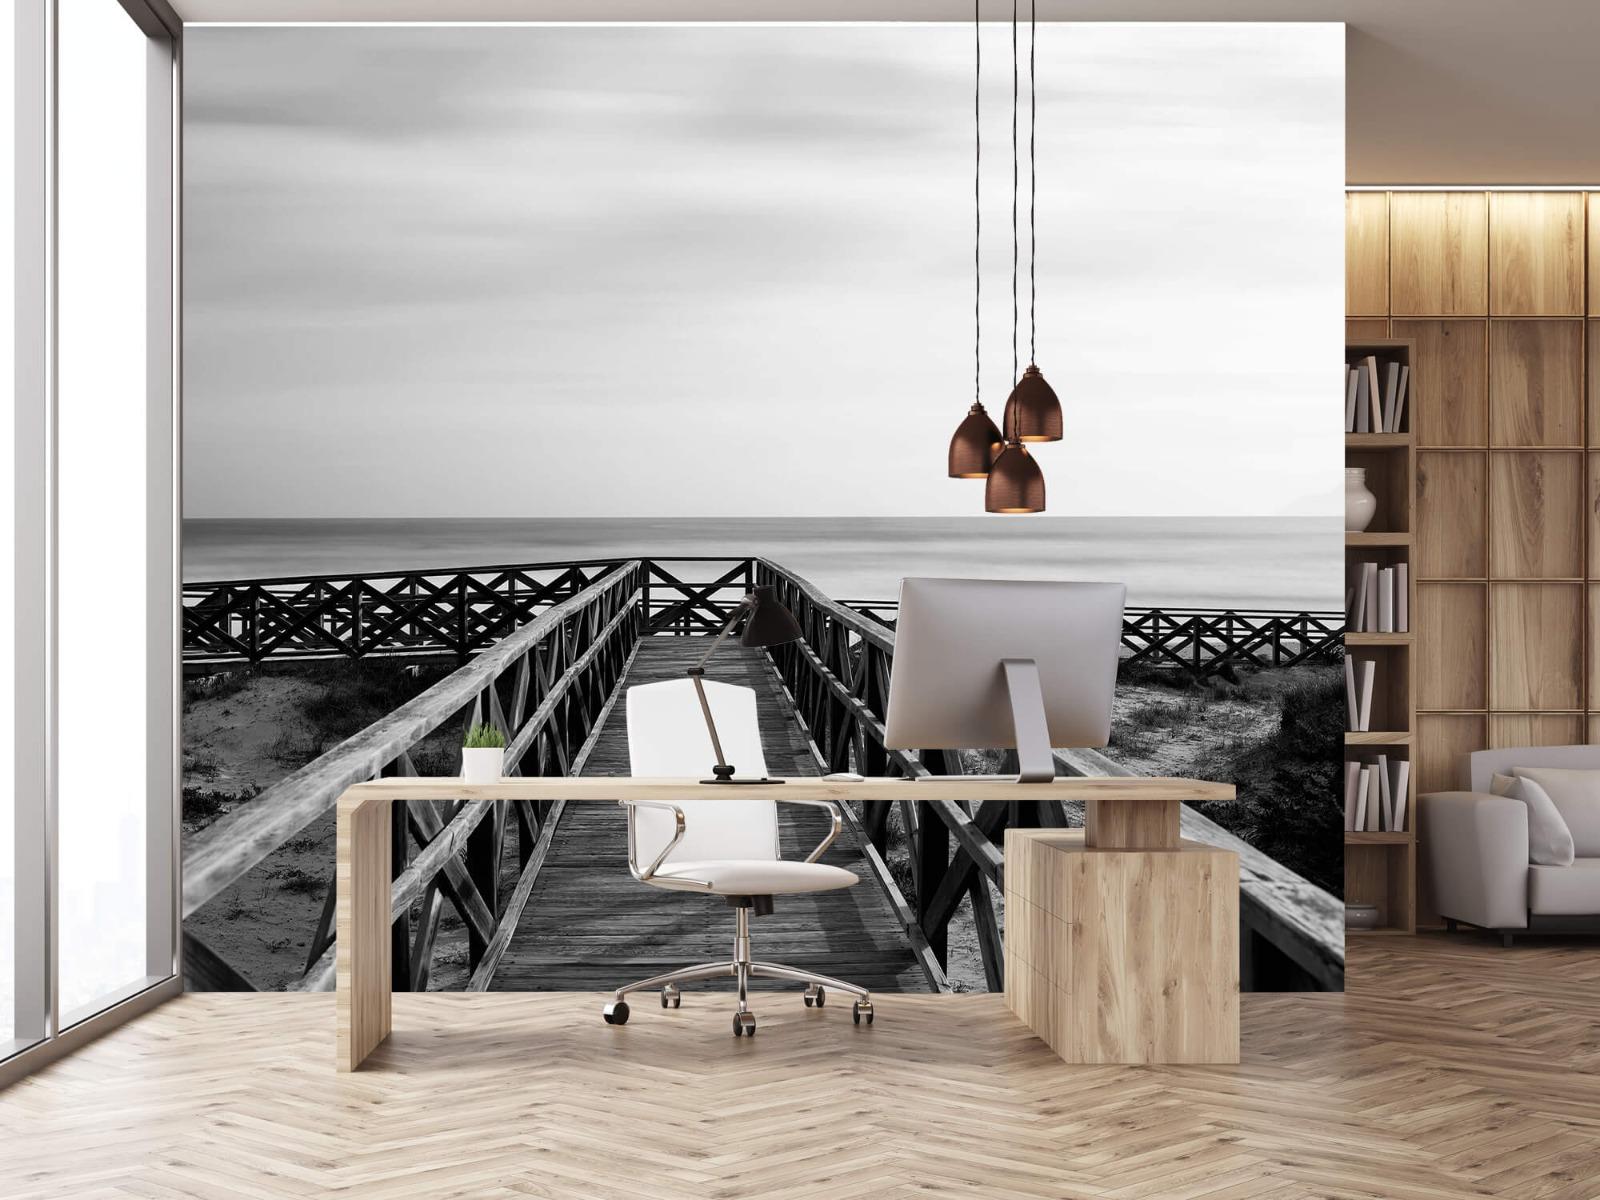 Zwart Wit behang - Loopbrug naar het strand - Hal 24